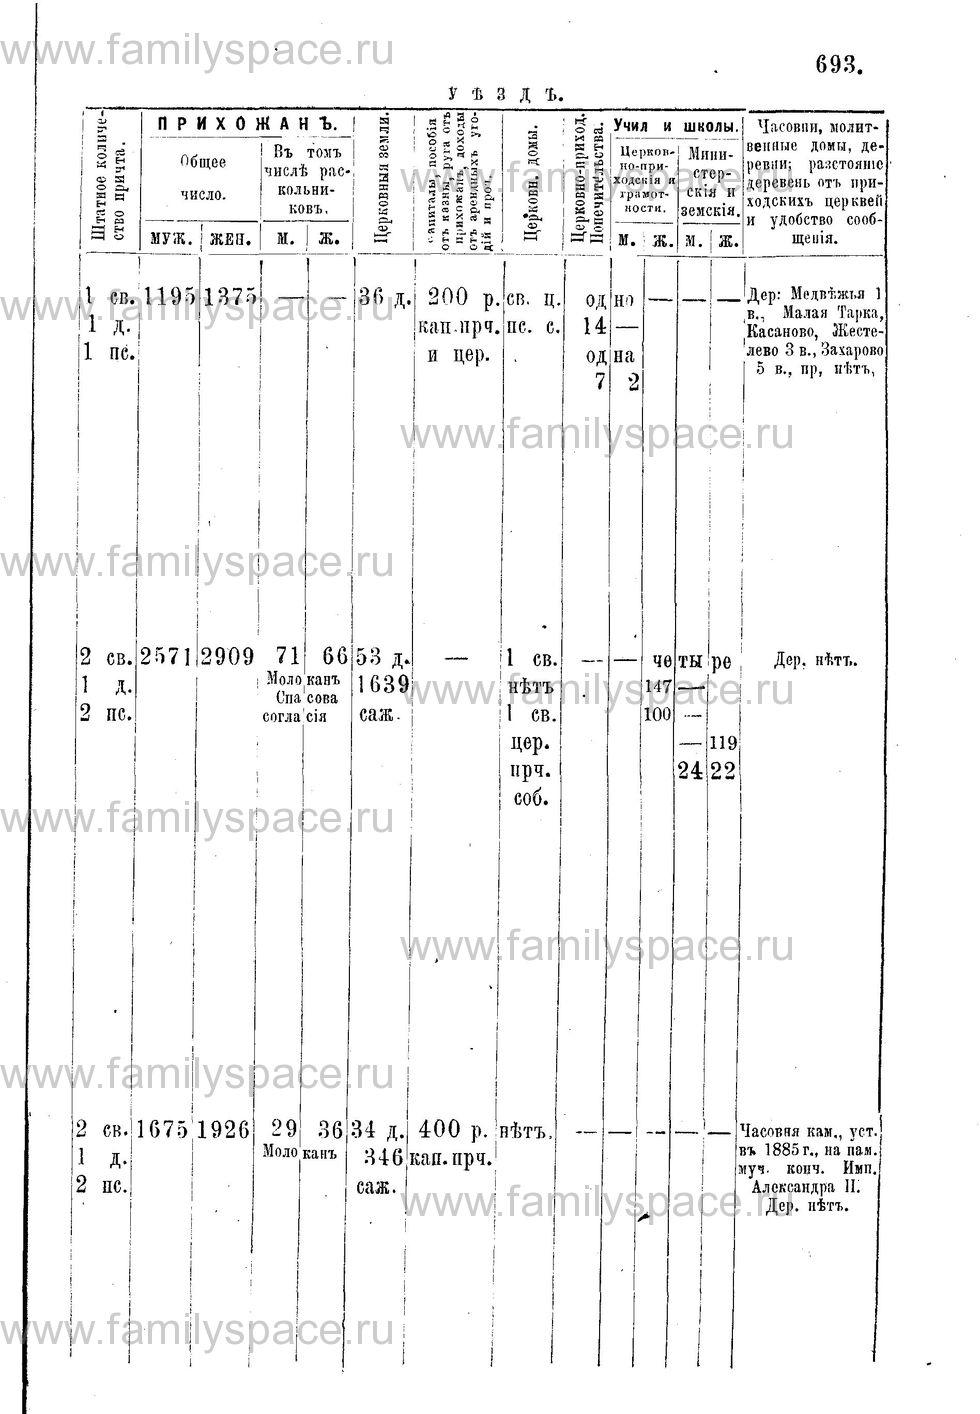 Поиск по фамилии - Адрес-календарь Нижегородской епархии на 1888 год, страница 1693